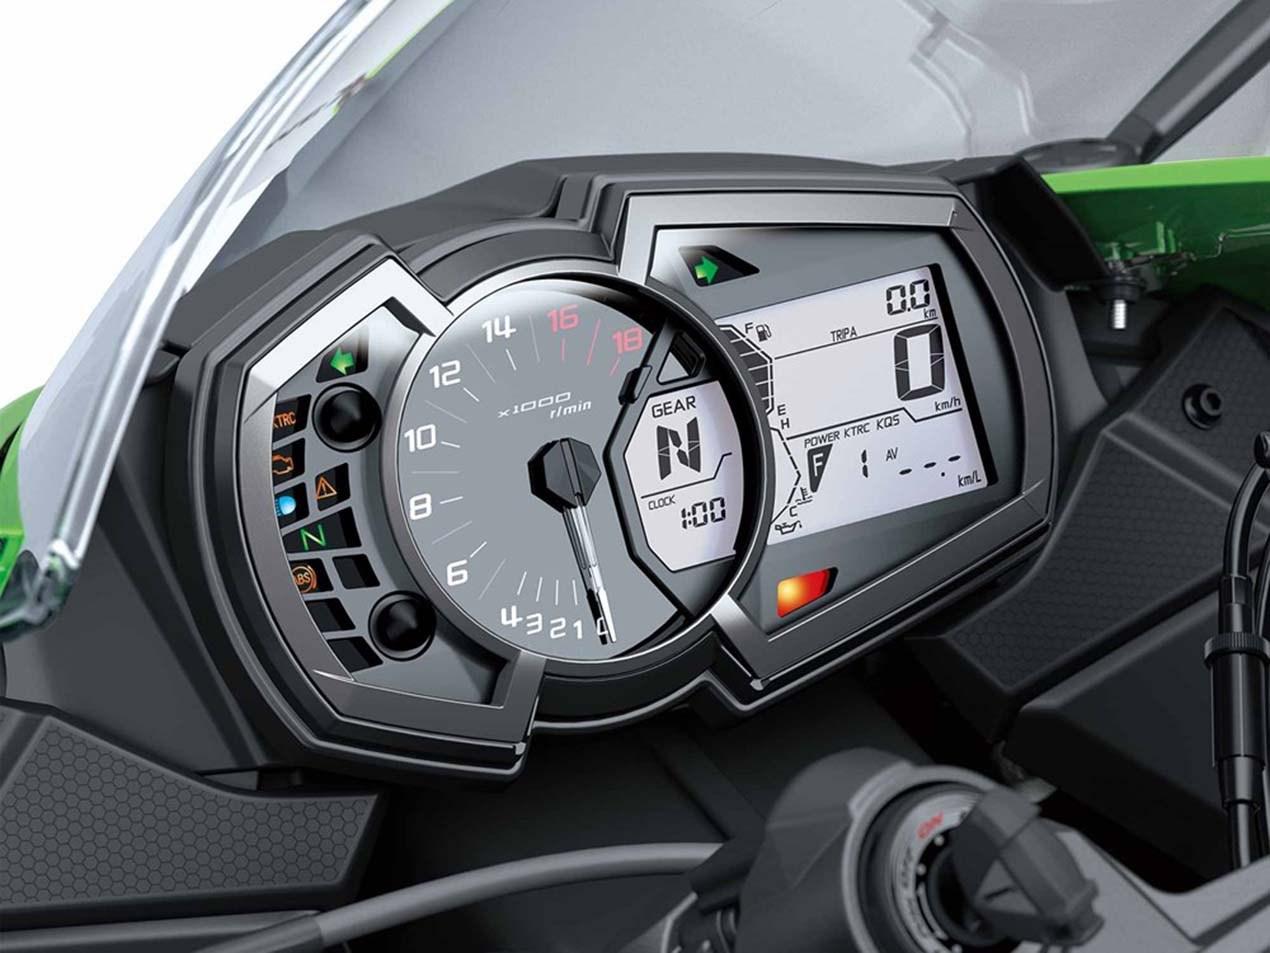 Begini tampang New Kawasaki ZX-6R 636 model 2019, jadi lebih terlihat bengis ?